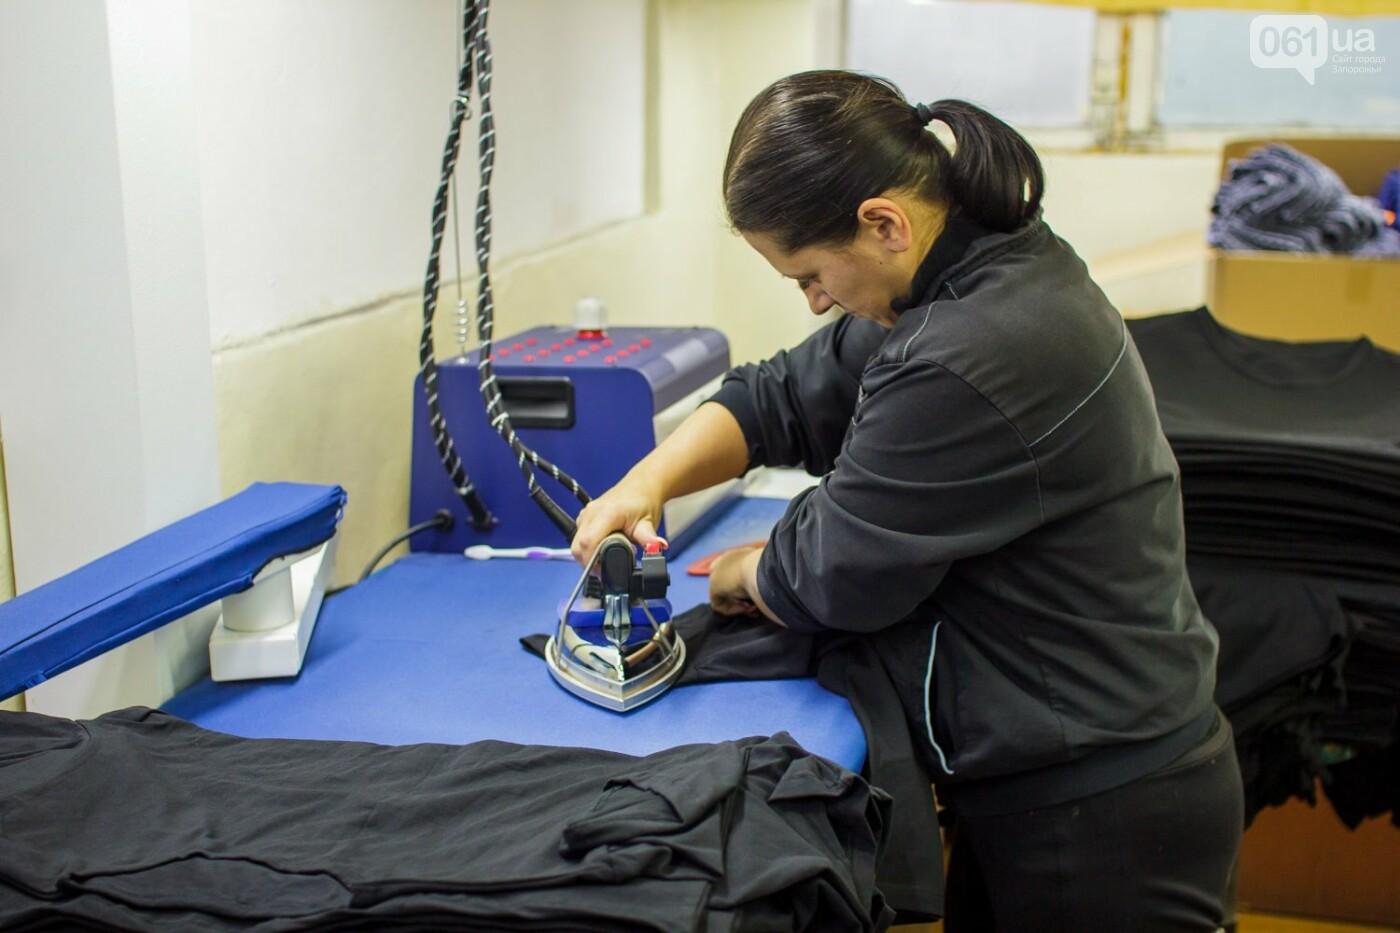 Как в Запорожье шьют мужское белье: экскурсия на трикотажную фабрику, – ФОТОРЕПОРТАЖ, фото-45